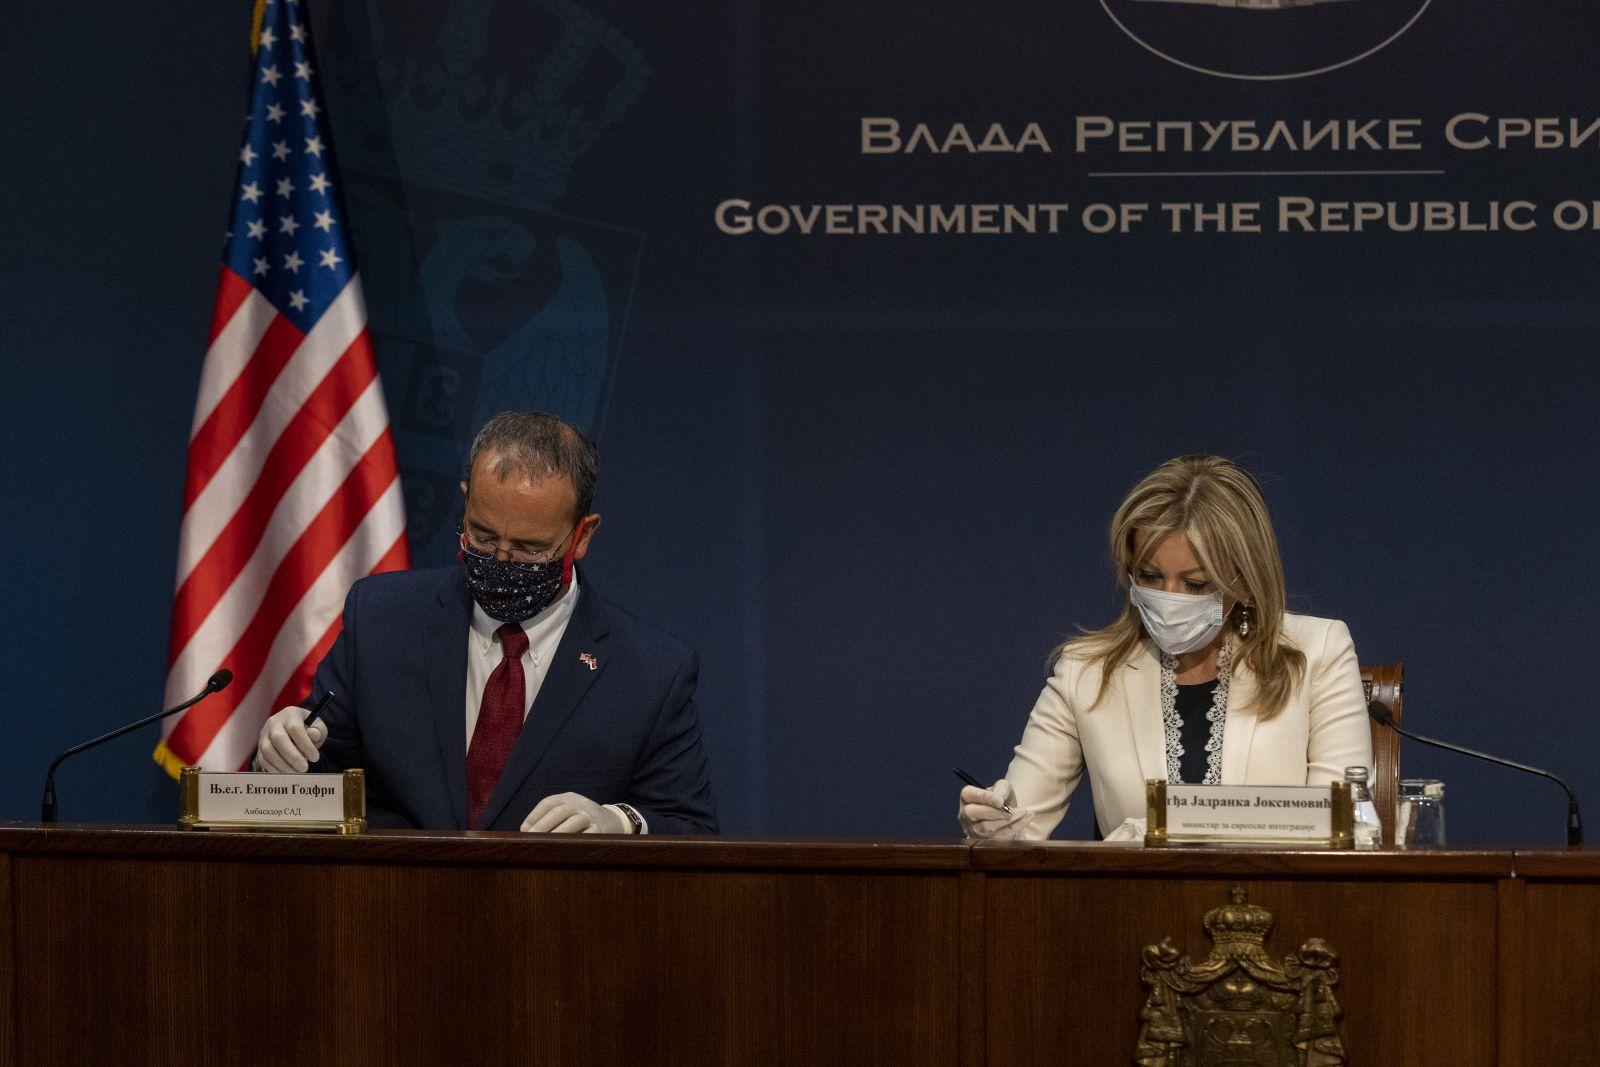 Ј. Јоксимовић: Између Србије и САД постоји дијалог о отвореним питањима